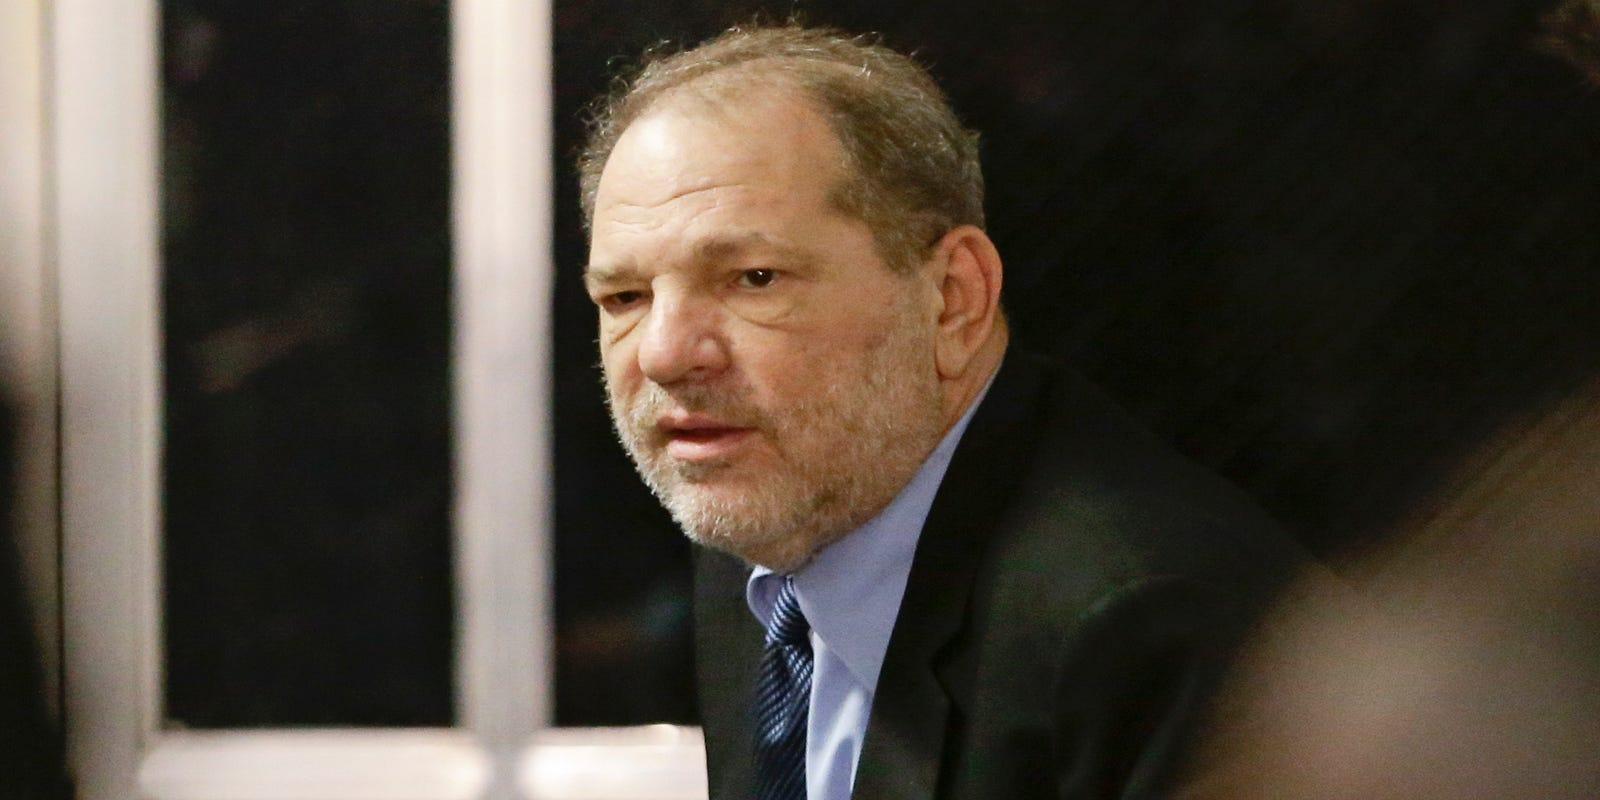 Harvey Weinstein sentenced to 23 years in prison; victims speak